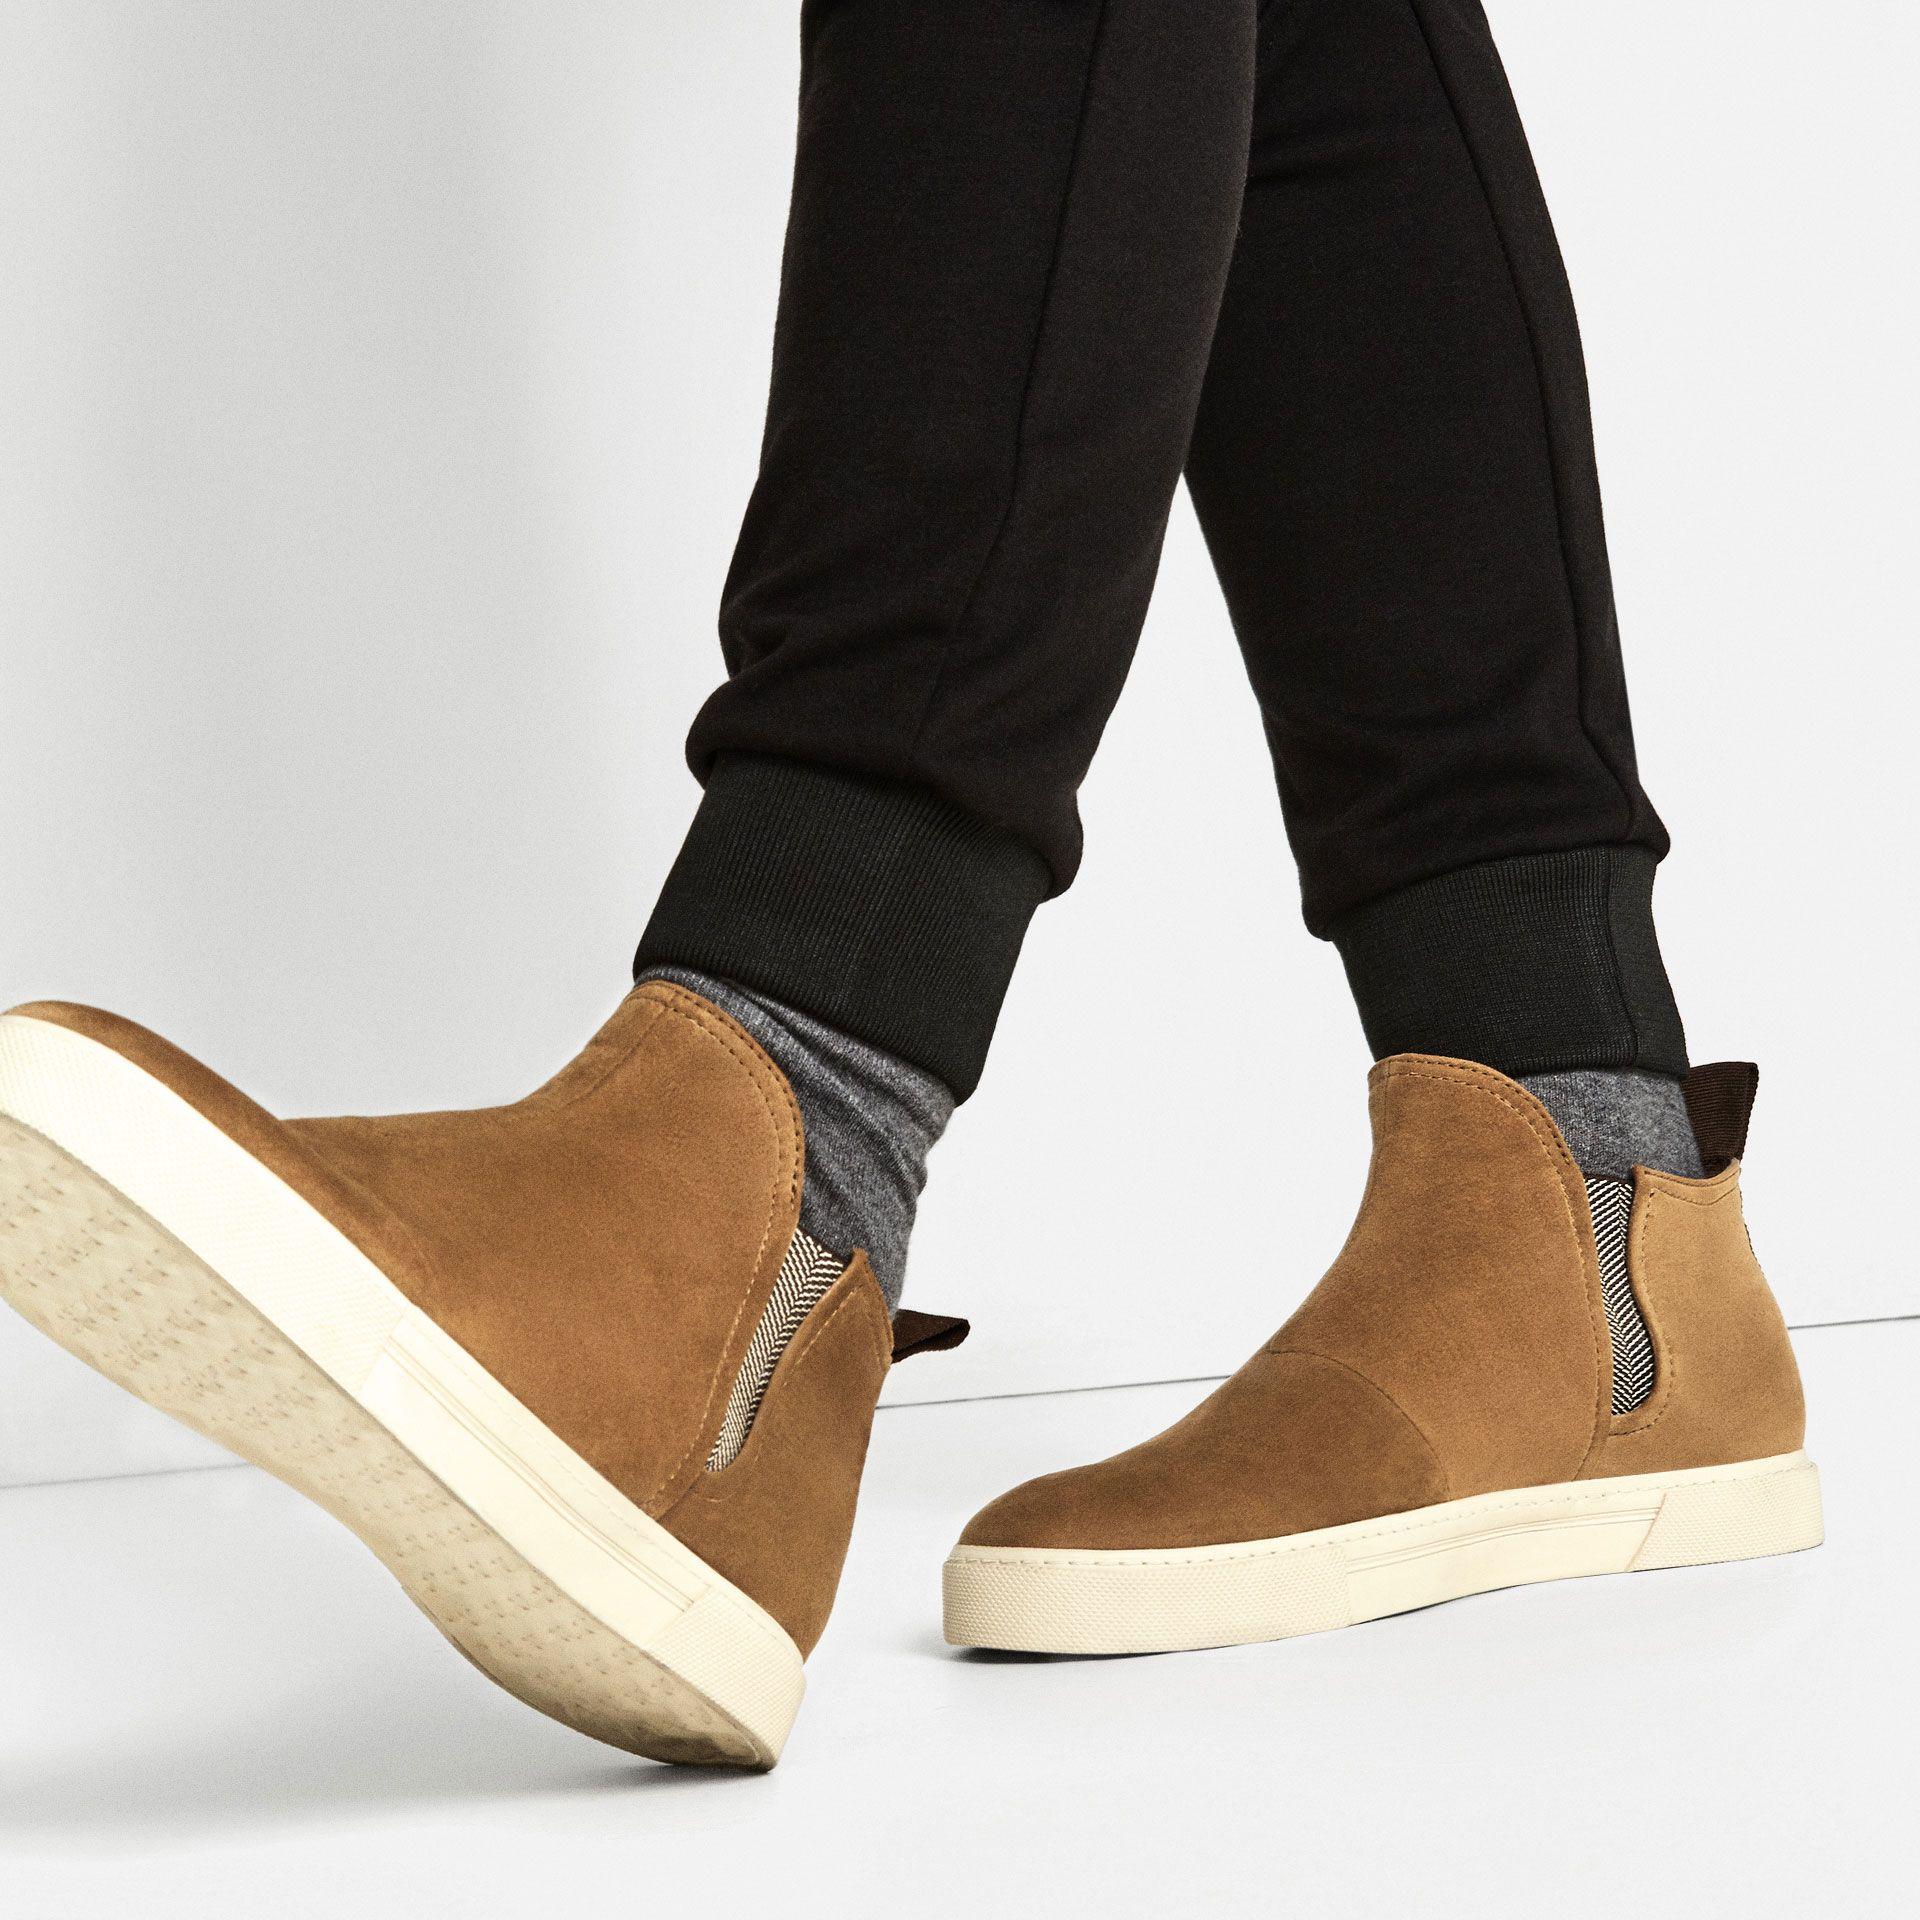 Calzados Zara DeportivosHombre España ZapatosBotines Y 354LqRAj